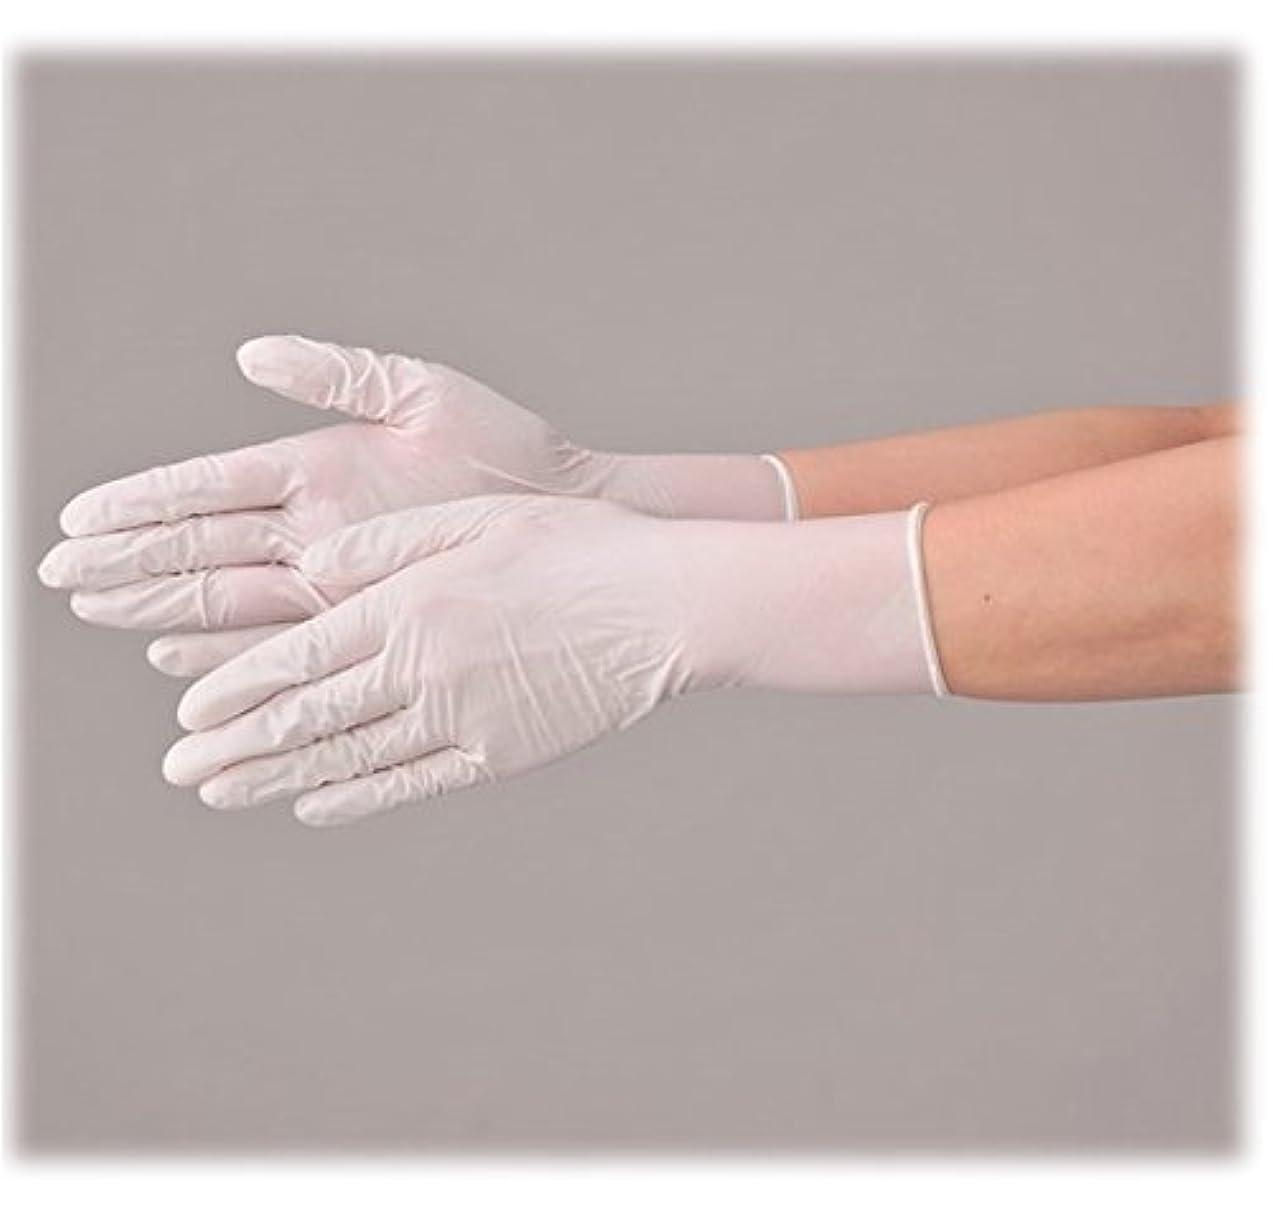 に応じて無限十分です使い捨て 手袋 エブノ 510 ニトリル 極薄手袋 ホワイト Mサイズ 2ケース(100枚×40箱)